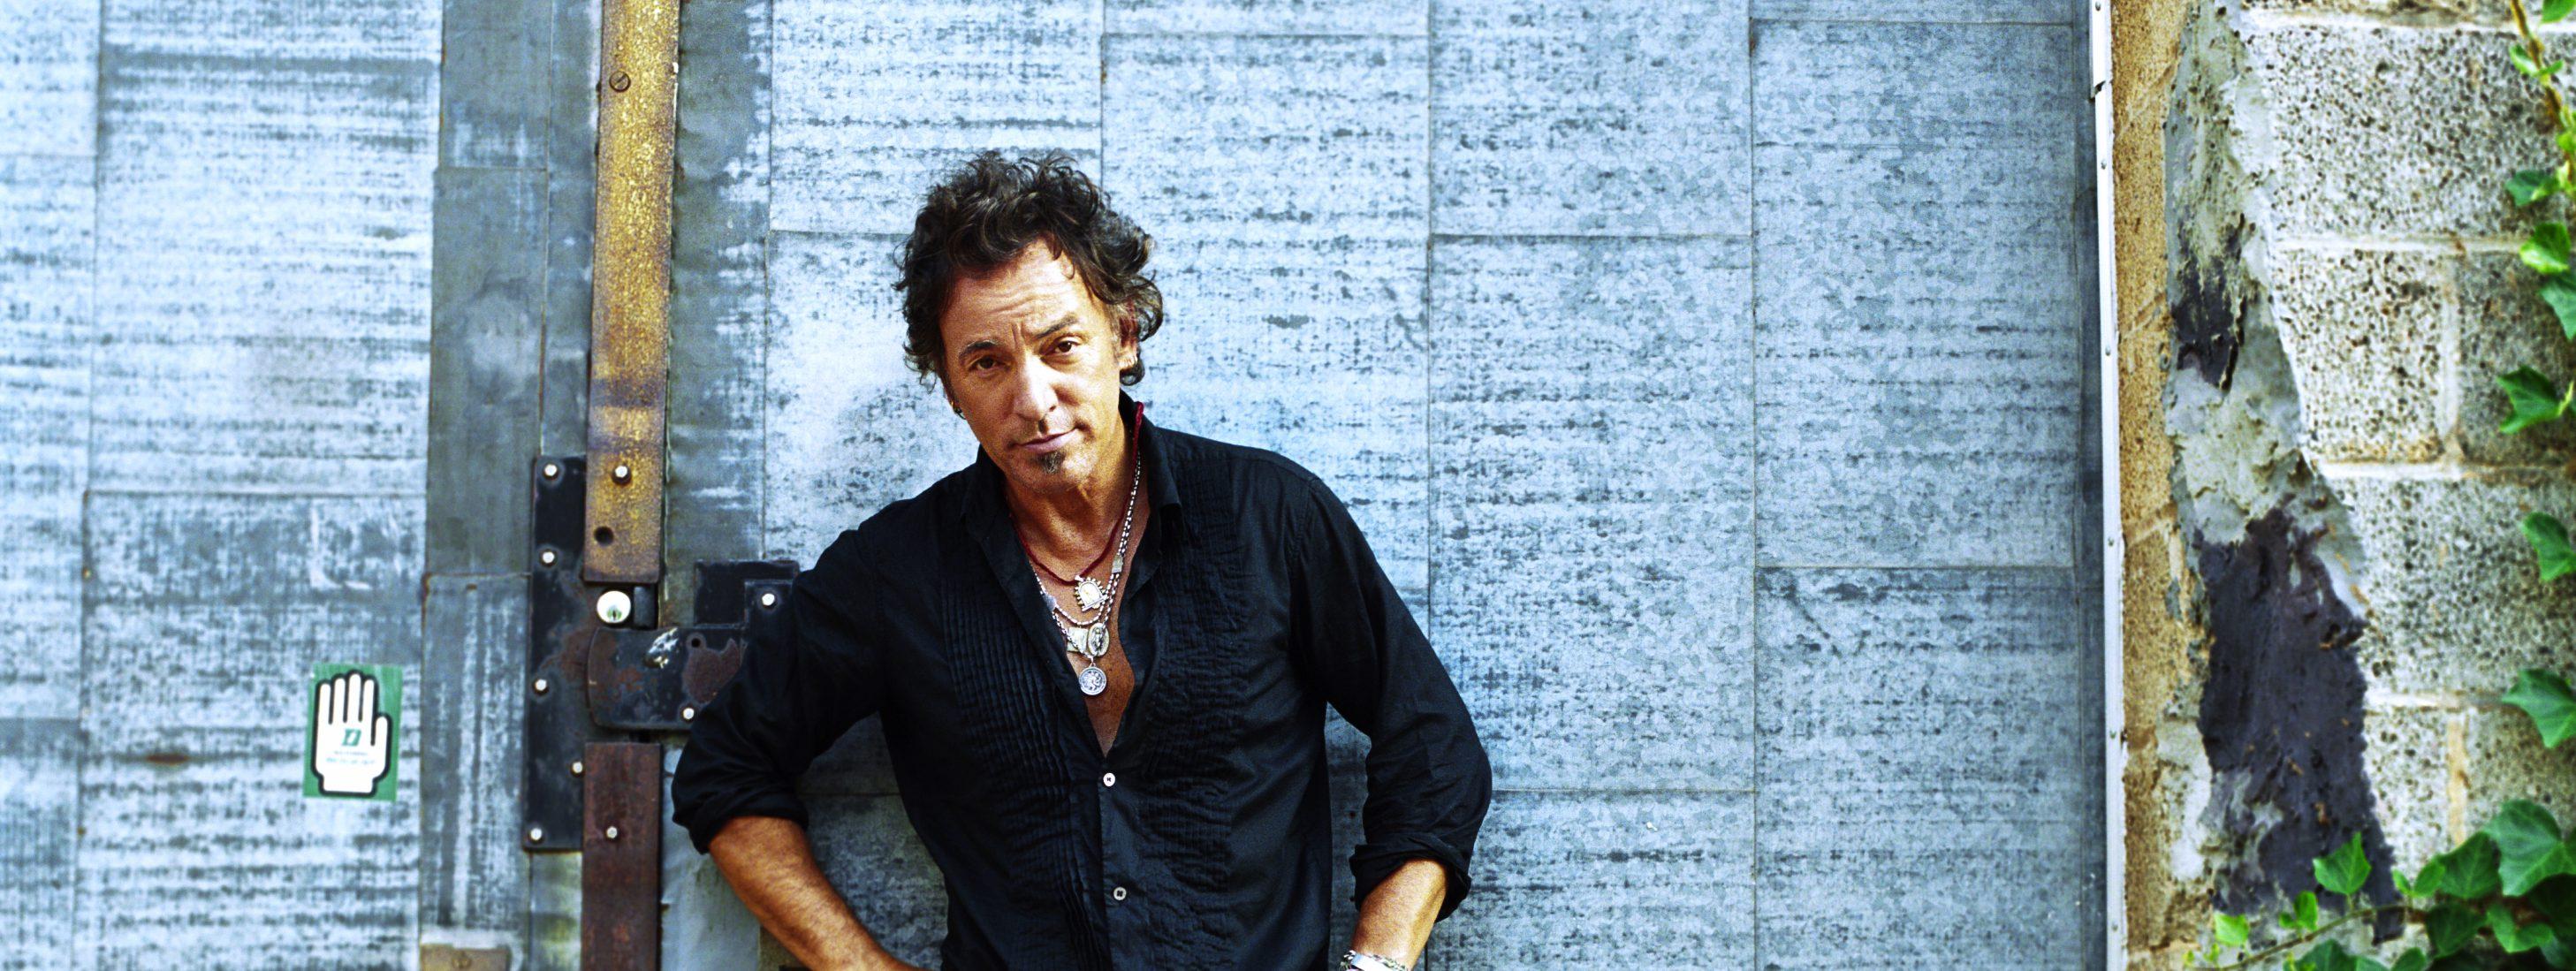 Plaat van de week: Bruce Springsteen – Your Own Worst Enemy